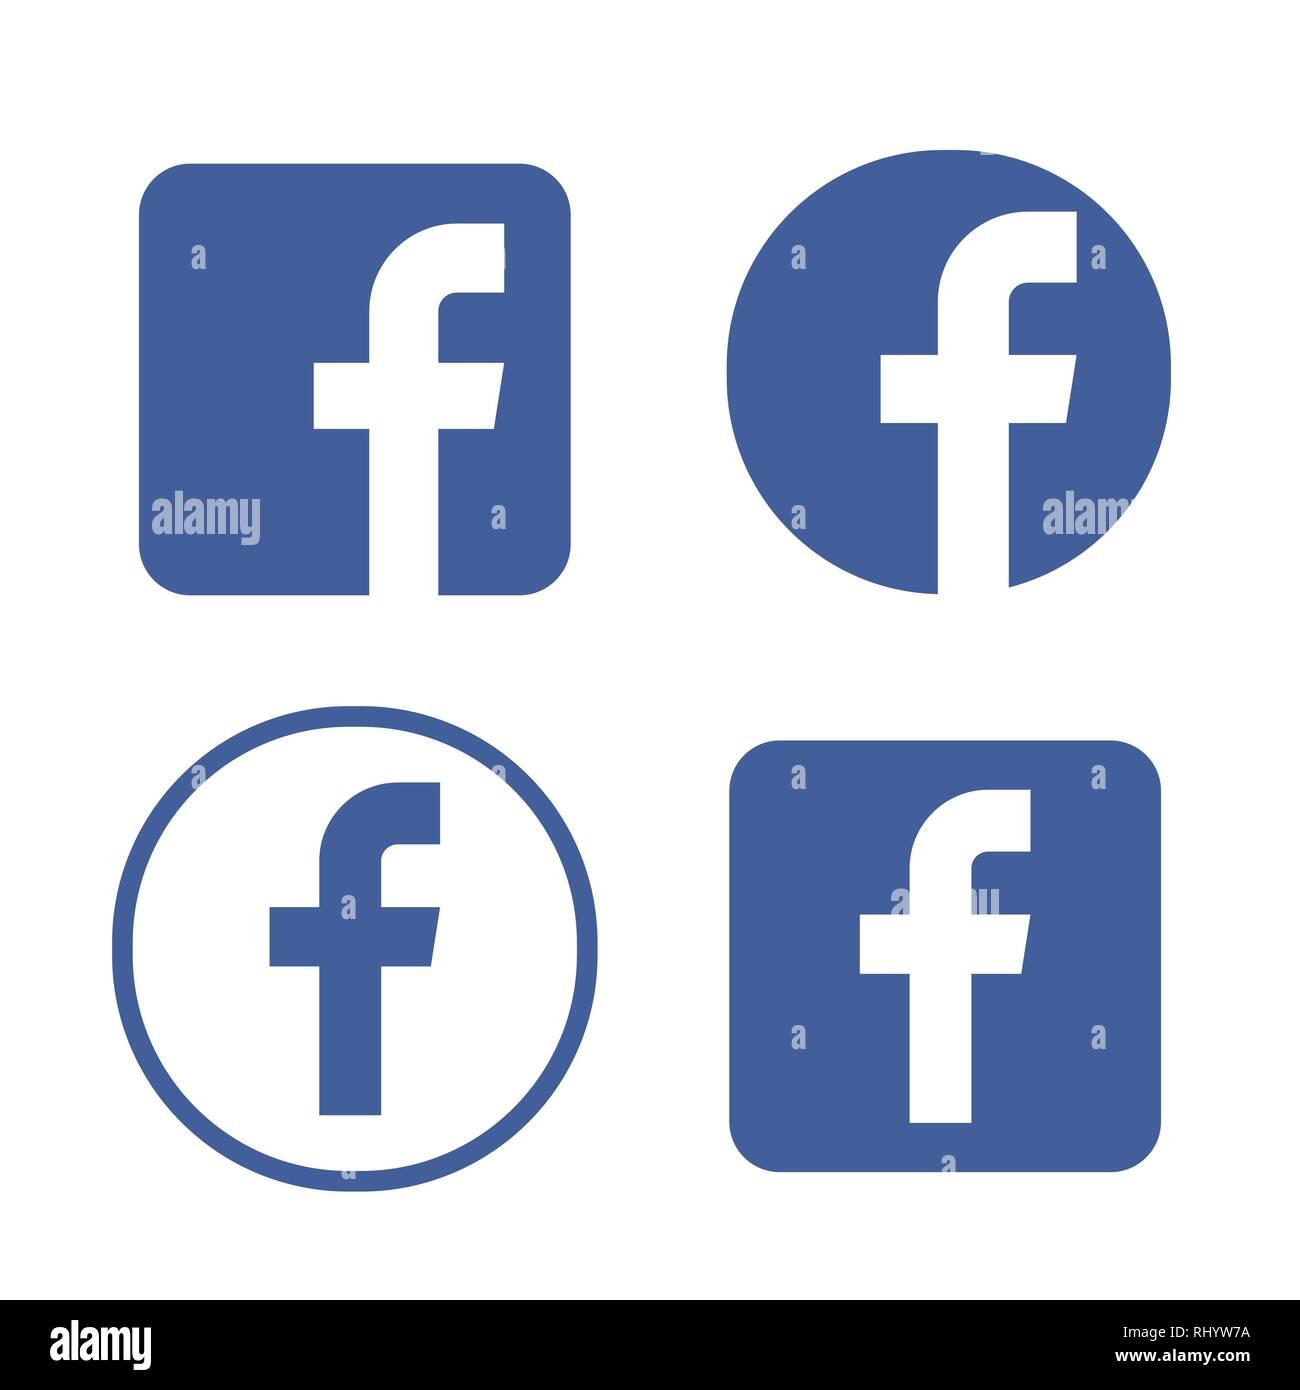 Facebook Logo Vector Illustration Facebook Icon Vector Stock Vector Image Art Alamy